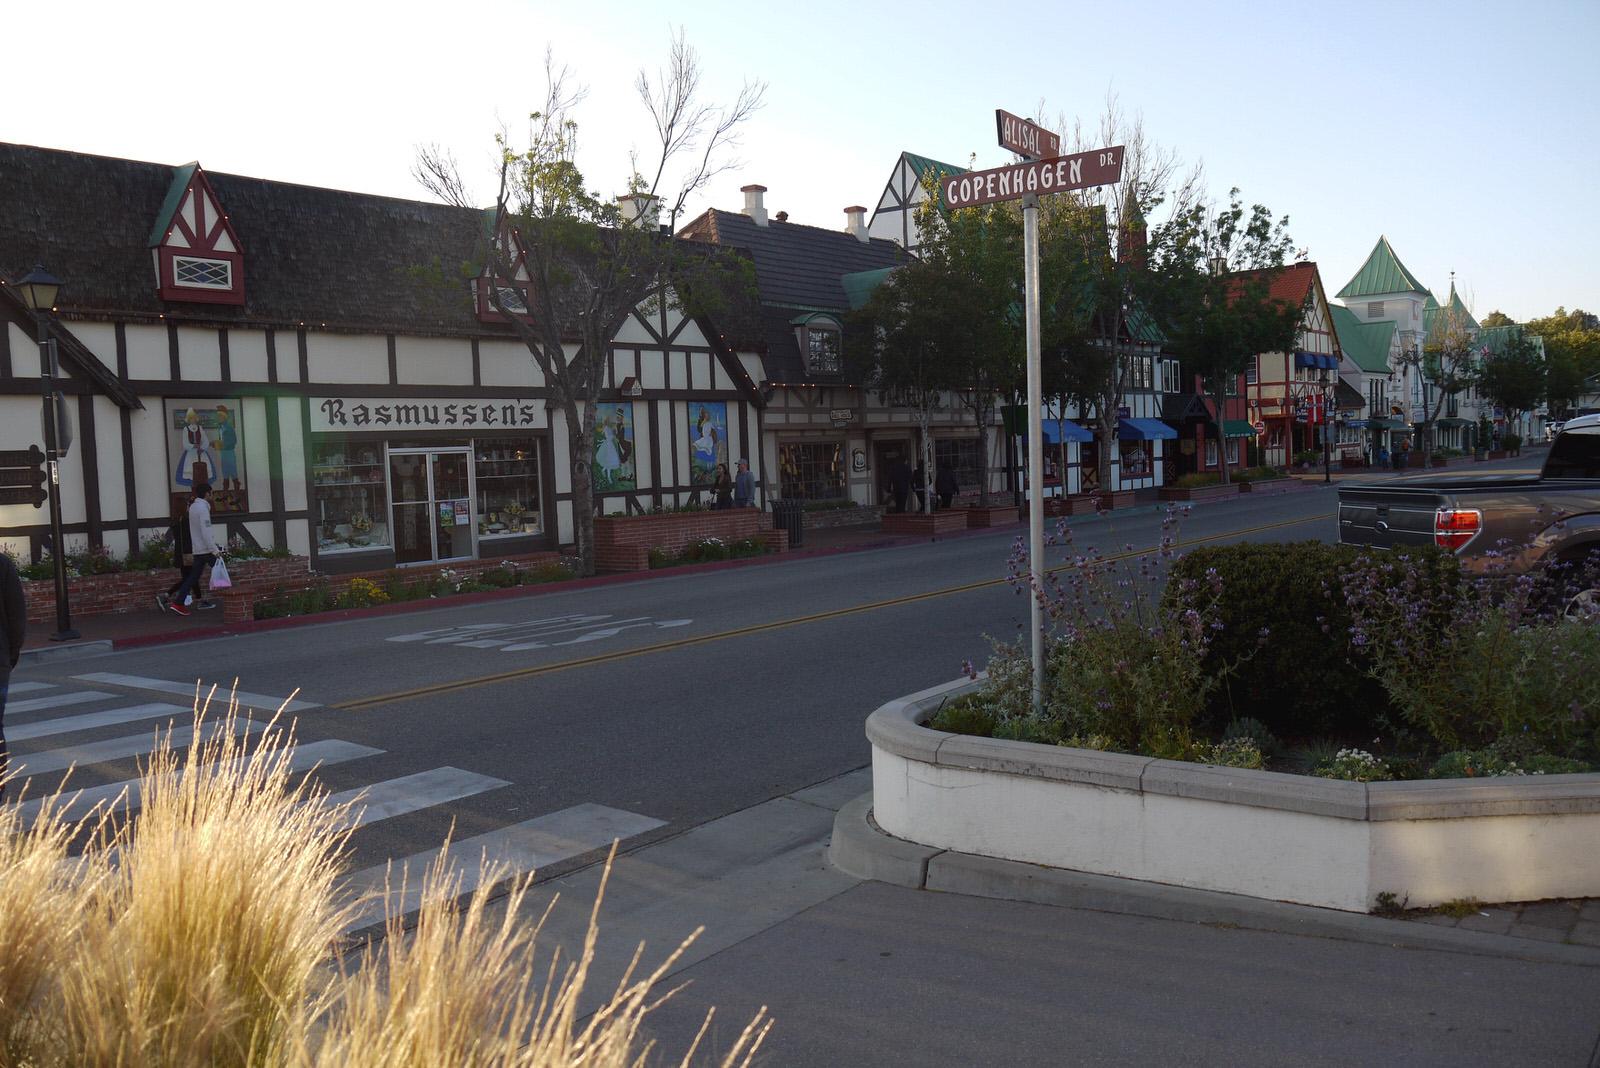 Copenhagen street in Solvang, CA